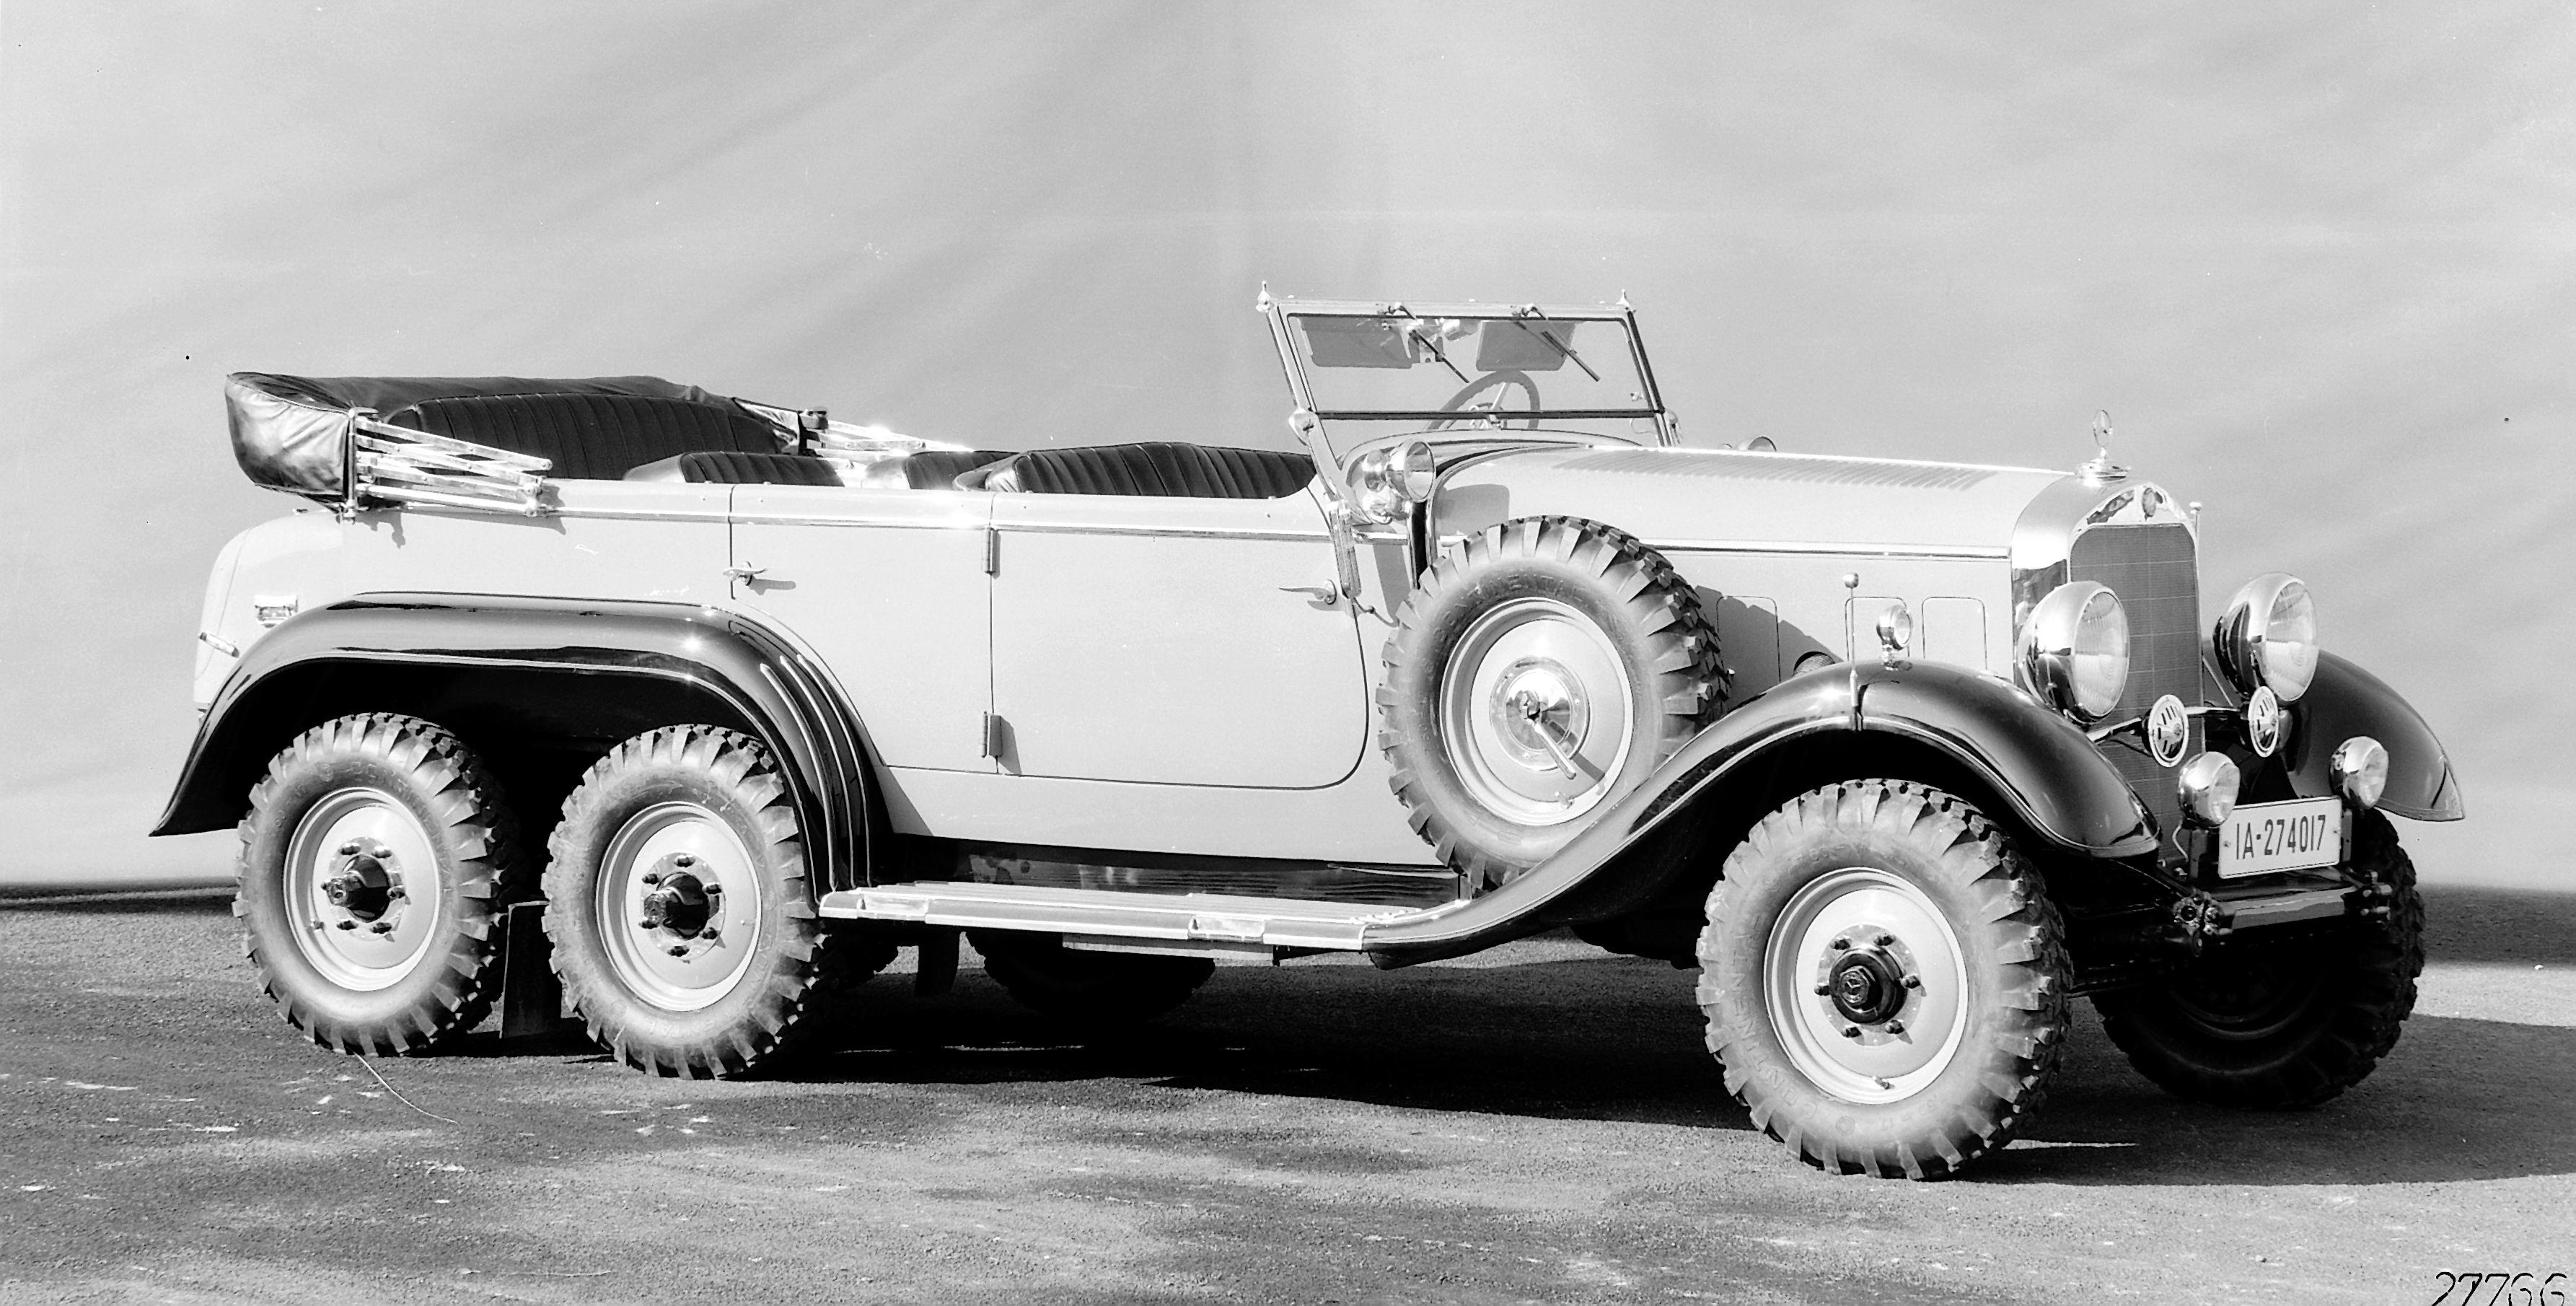 Der Klassiker den viele gerne vergessen würden – Mercedes-Benz G4 (W31)